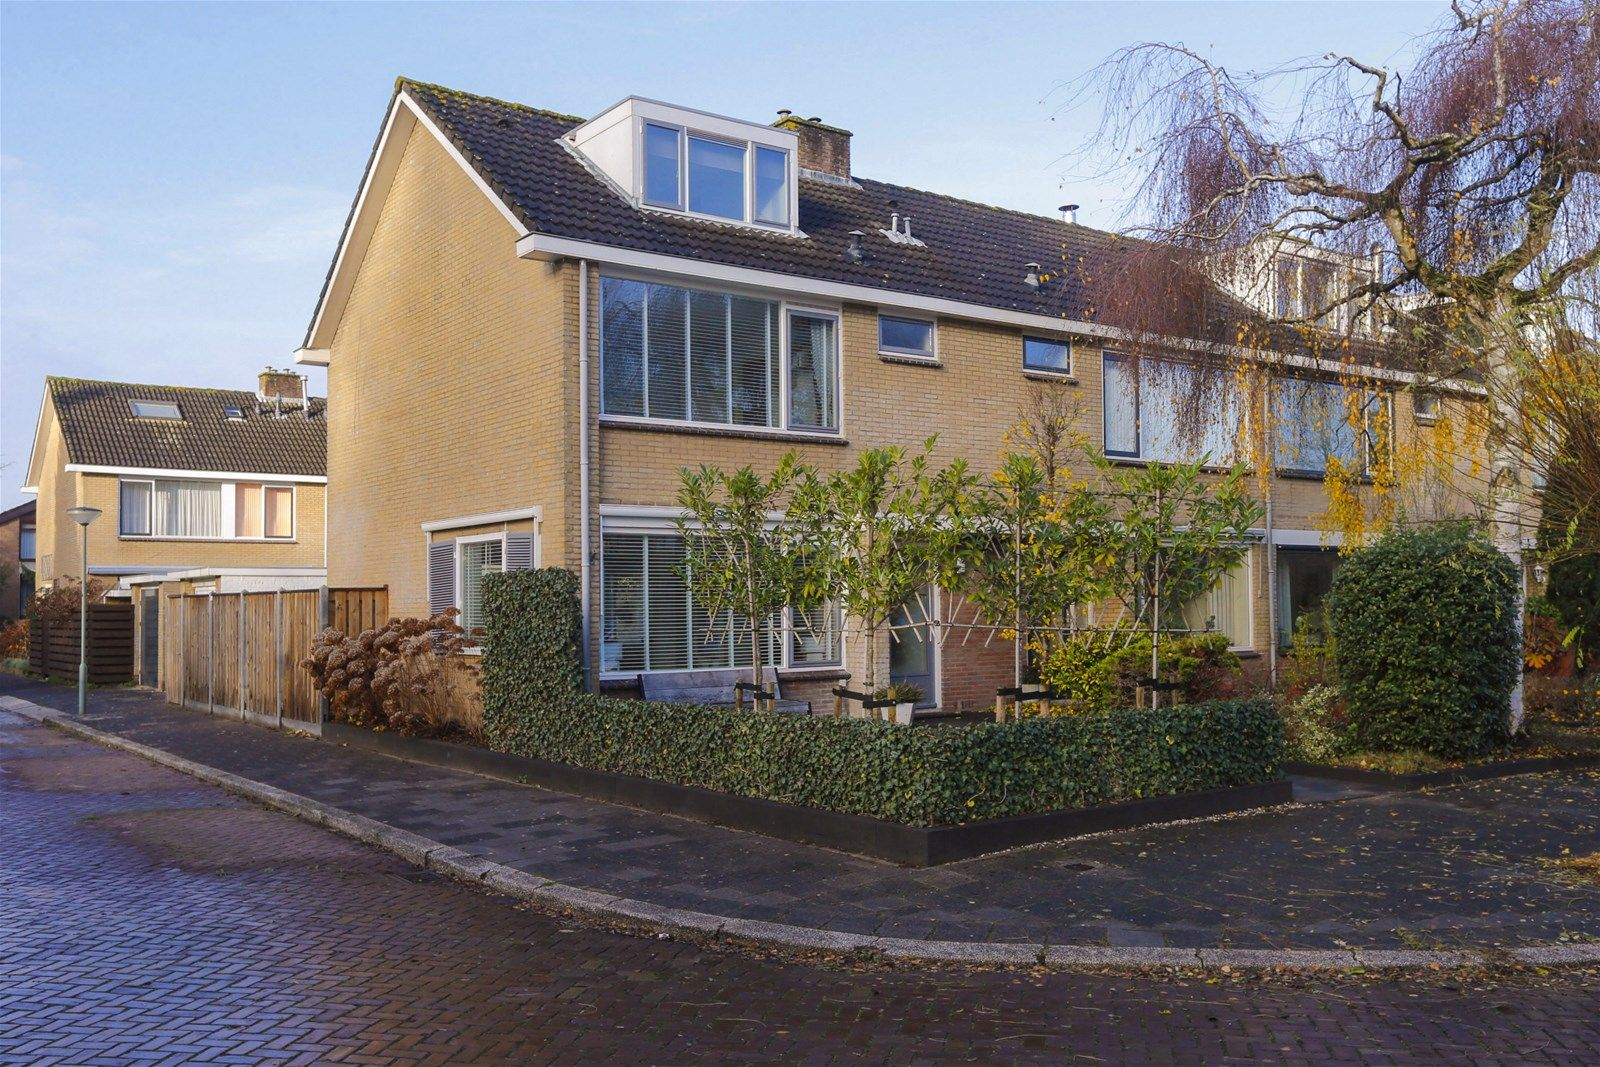 Peppellaan 30, Dordrecht